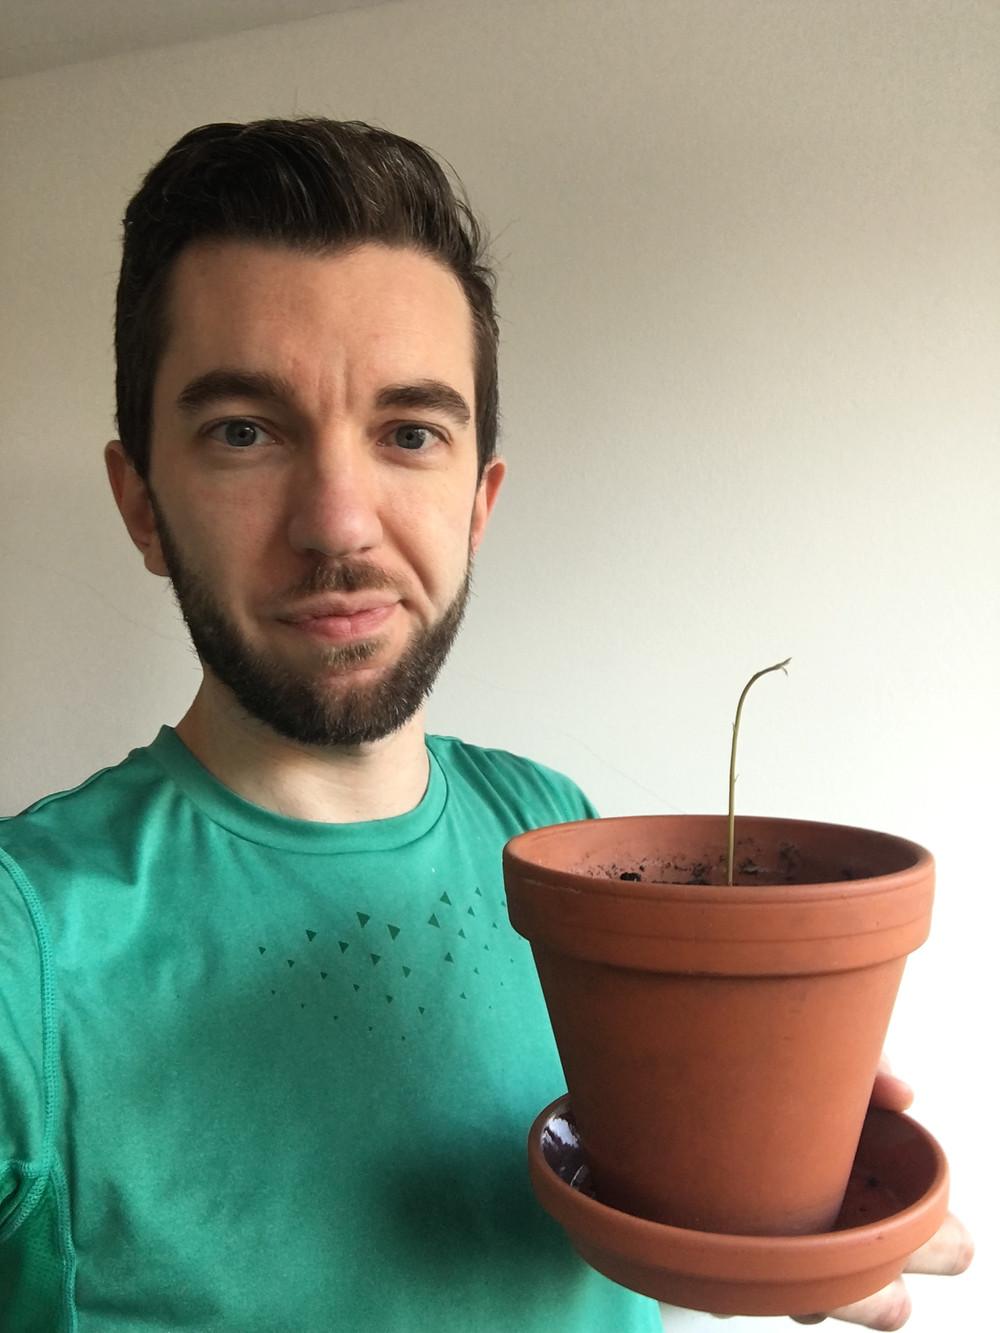 avocado plantdad propagation